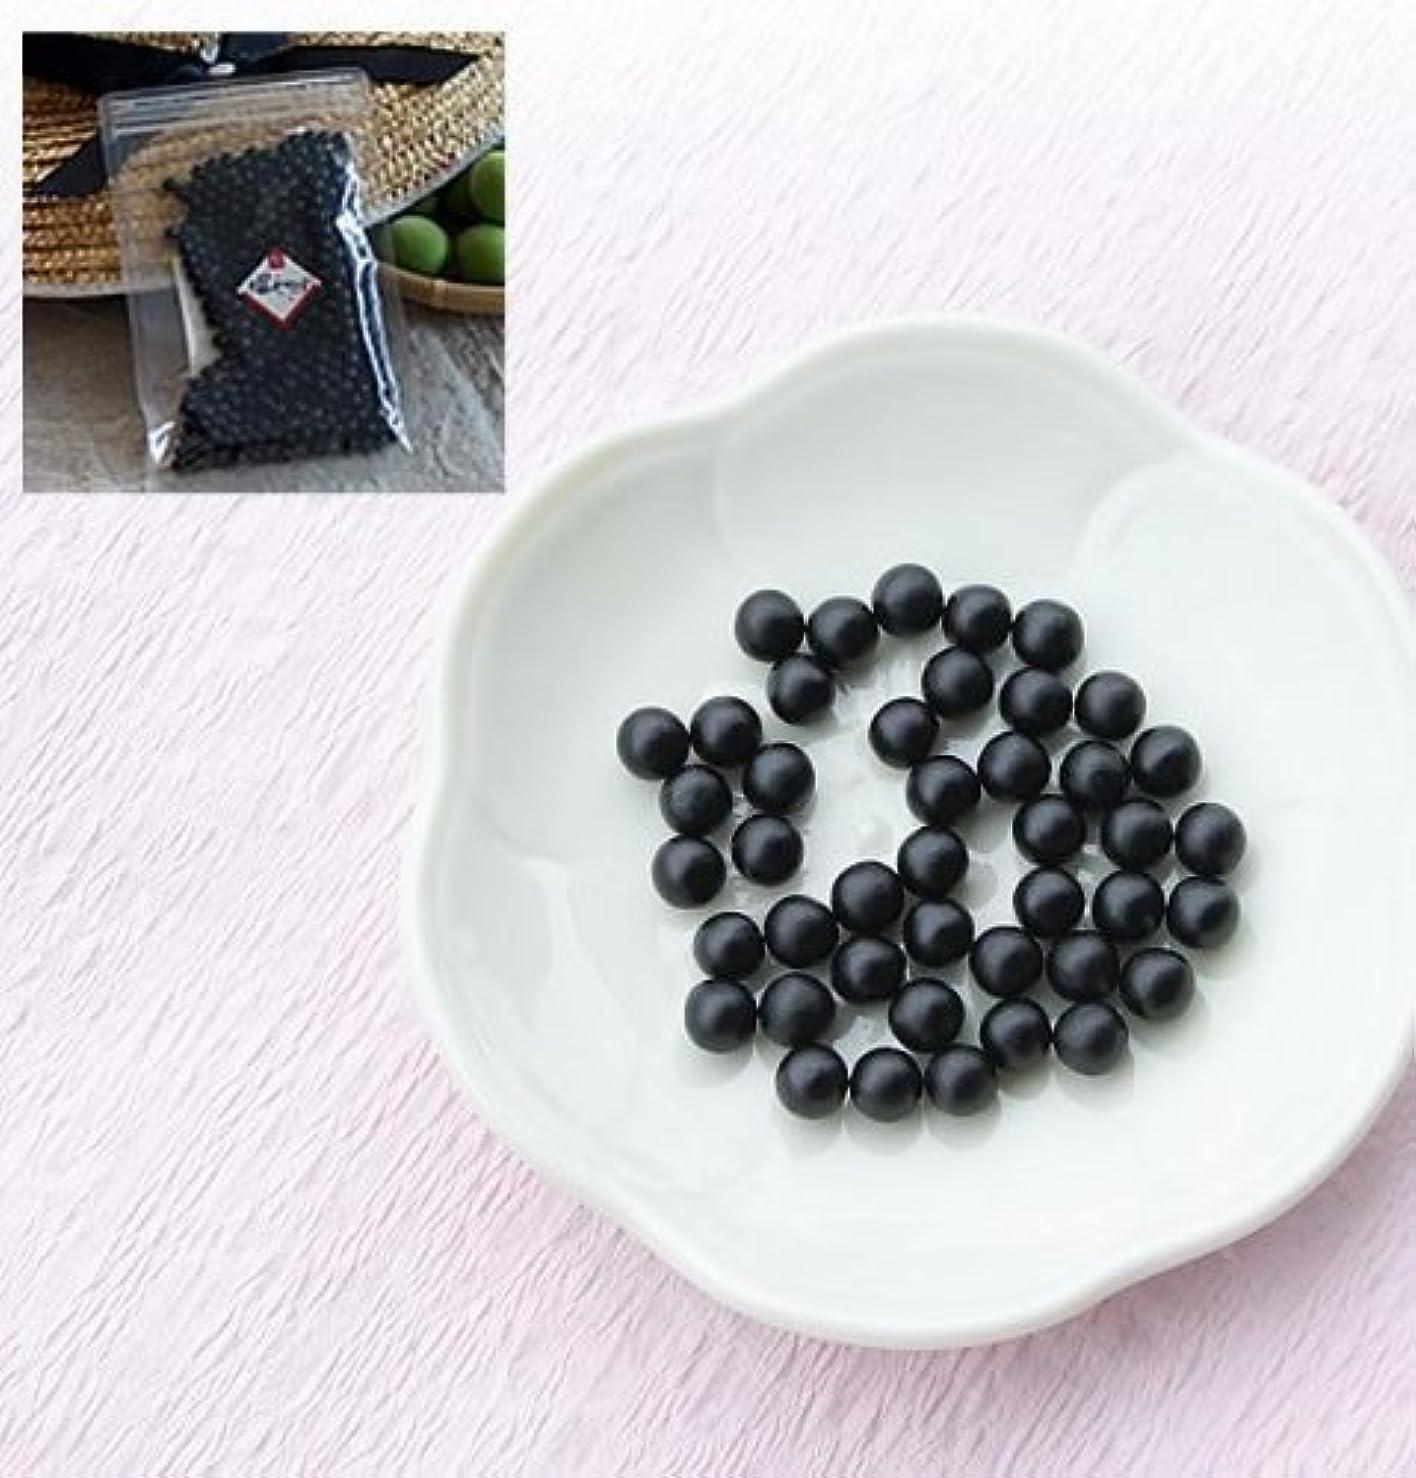 セマフォ塩辛い控えめな深見梅店 青梅から作った梅肉エキス粒タイプ 100g(約3か月?約600粒)